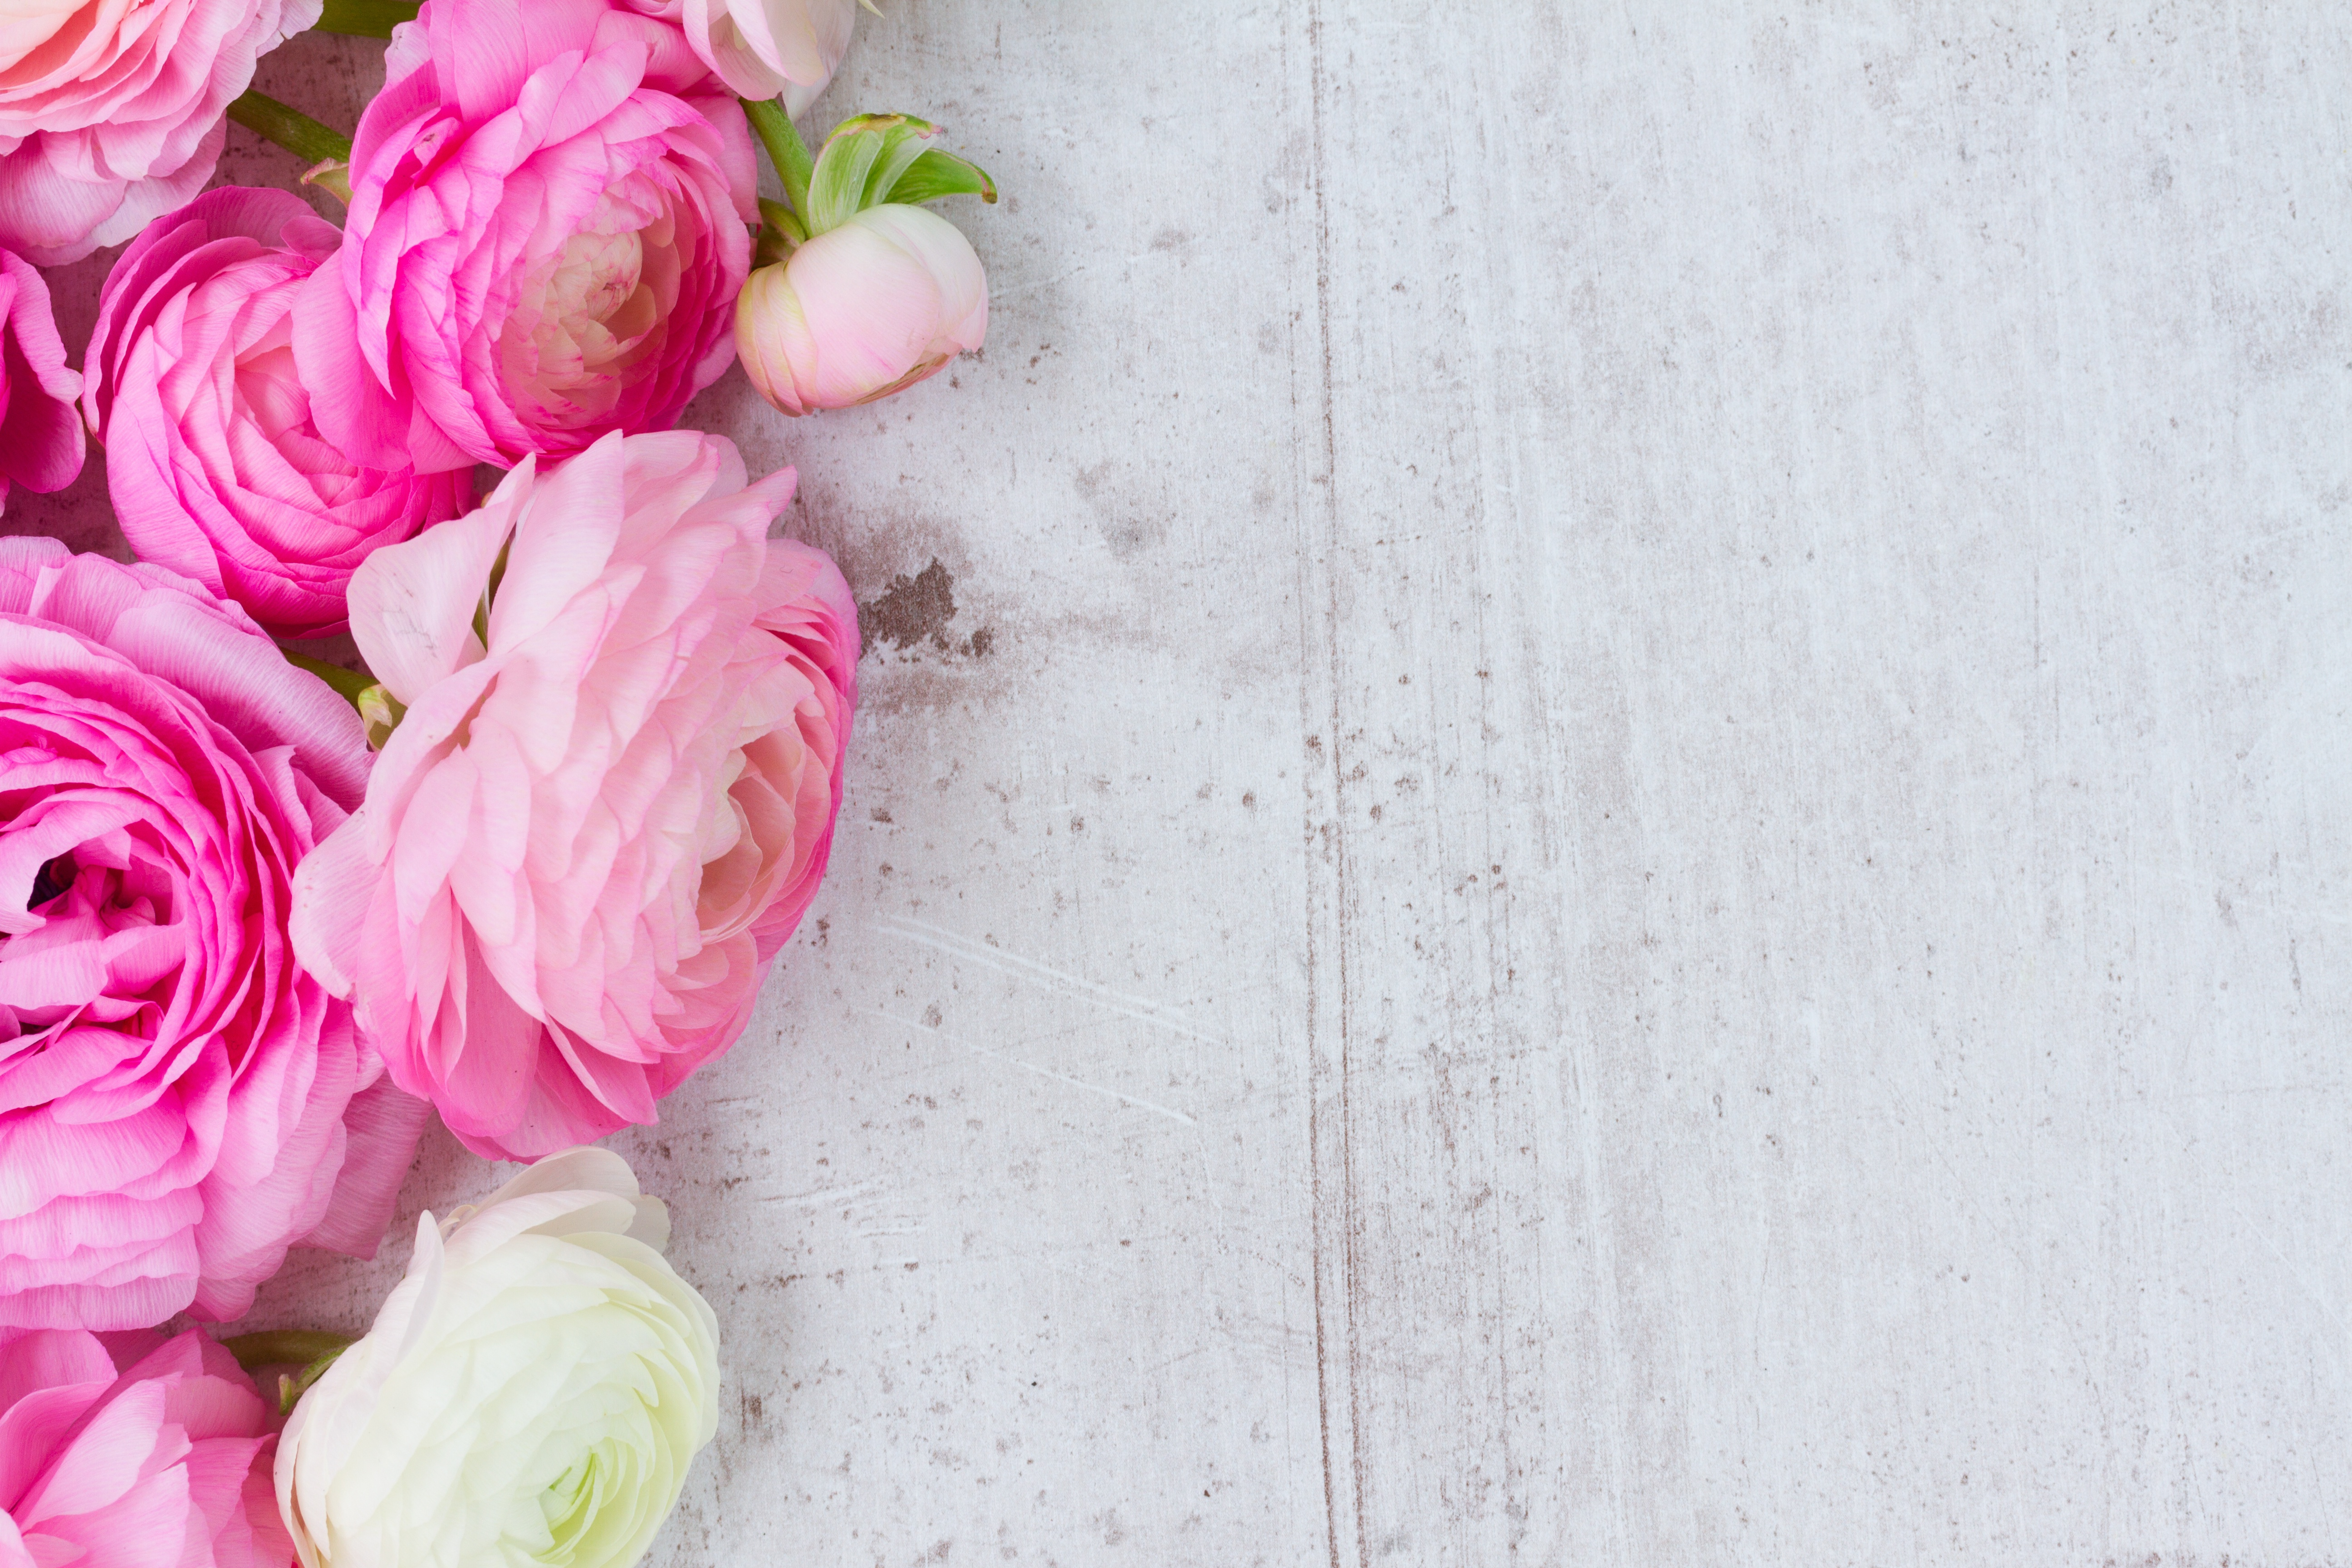 фото с цветами в виде юбки